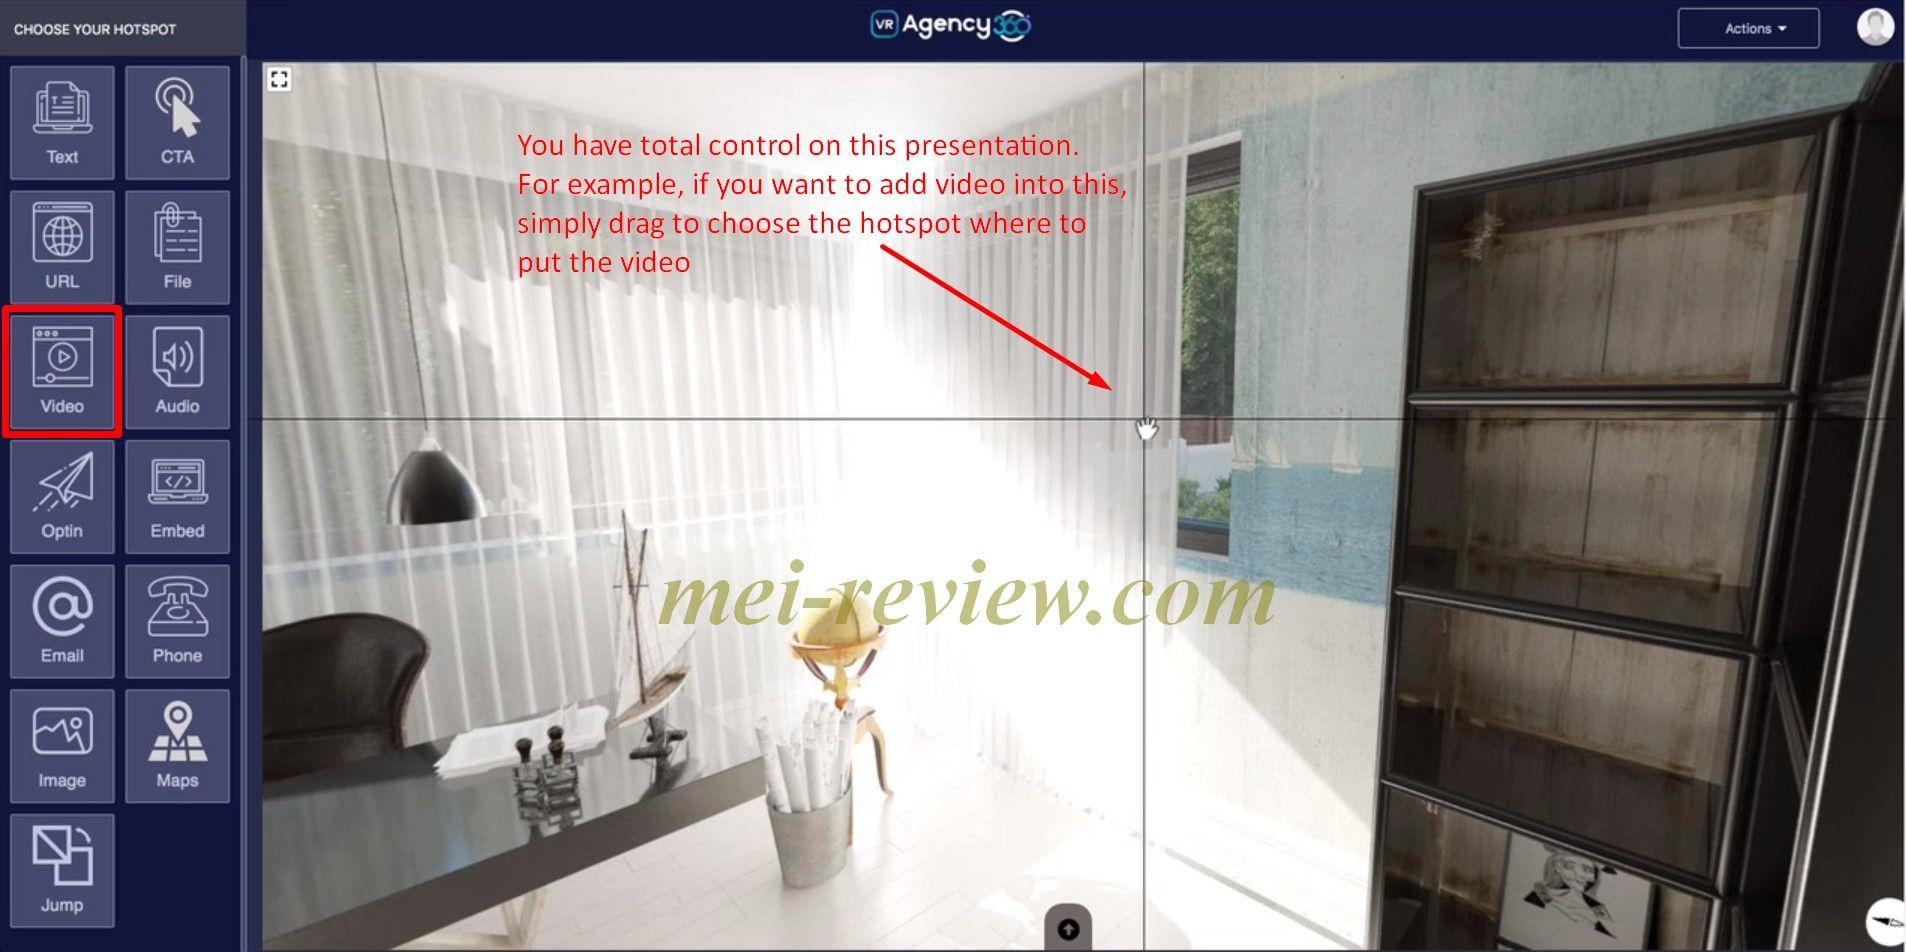 VR-Agency-Demo-10